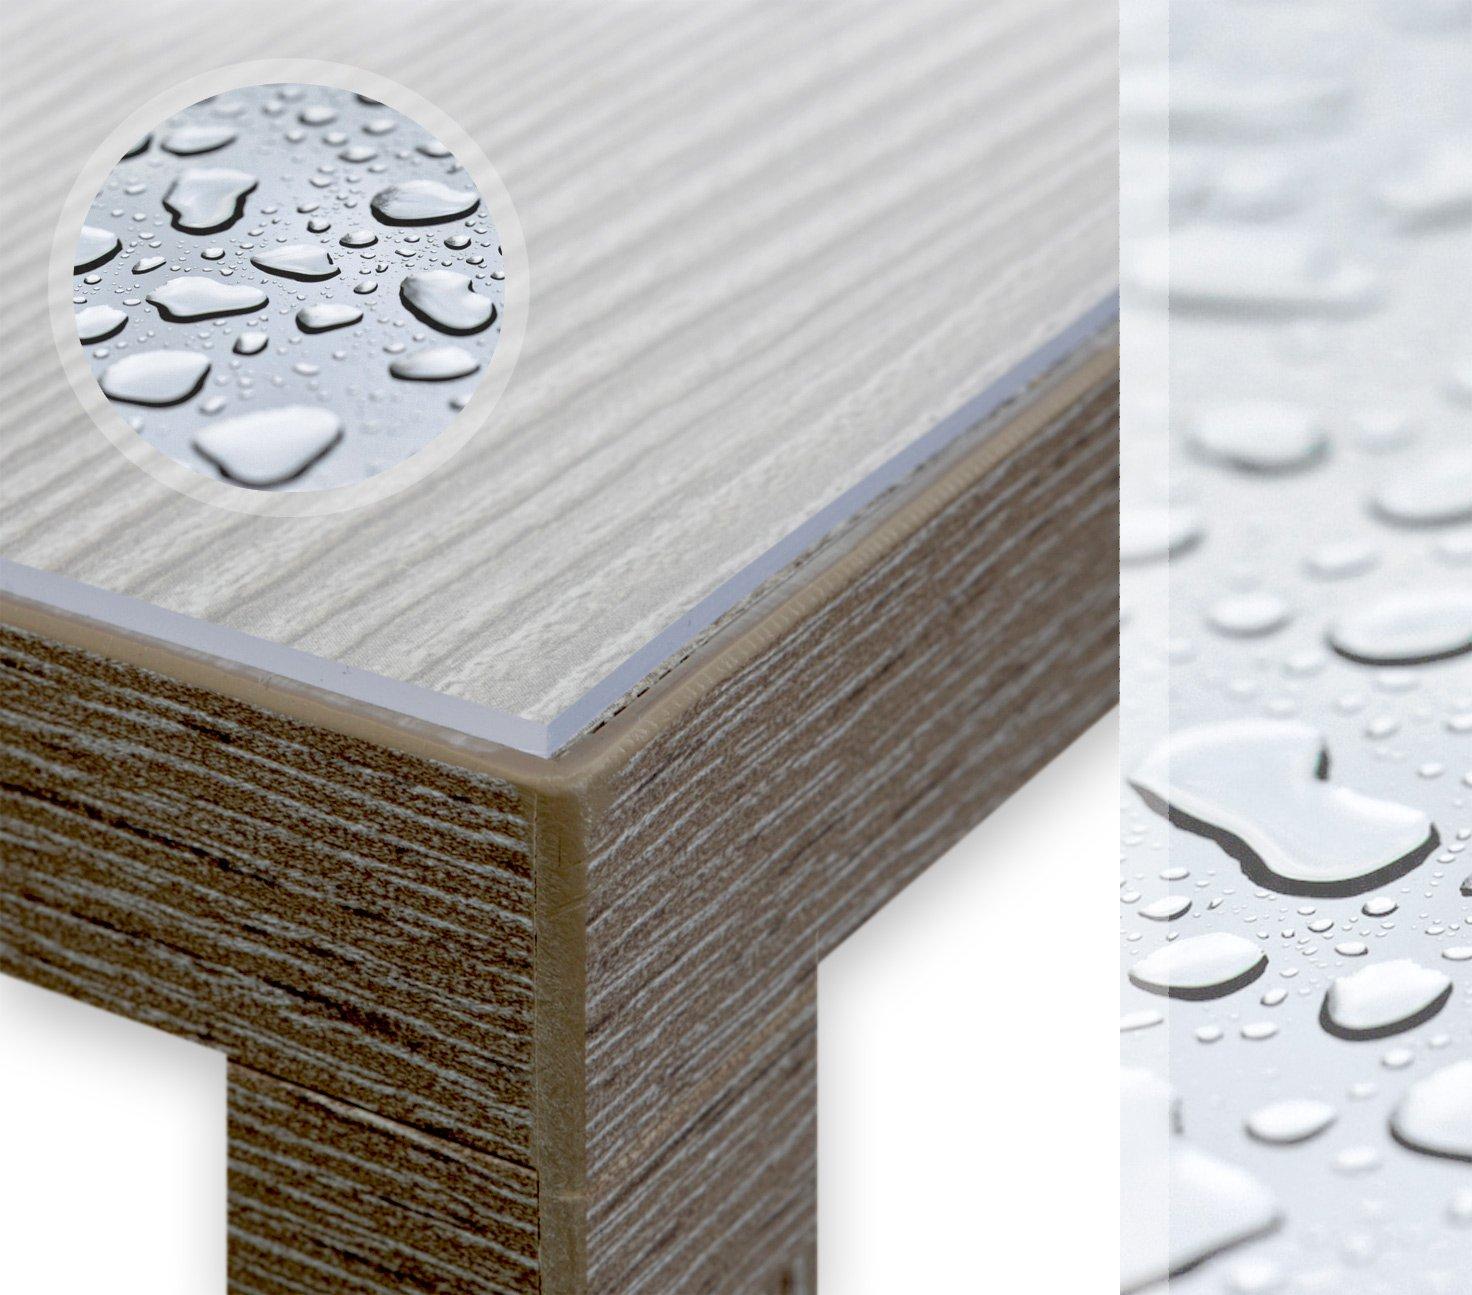 Glasklar Folie 2 mm mm mm transparente Tischdecke Breite 100 cm, Länge wählbar, Schutzfolie Tischschutz Meterware (100 x 190 cm) B01BSSVWNQ Tischdecken 0d97a0